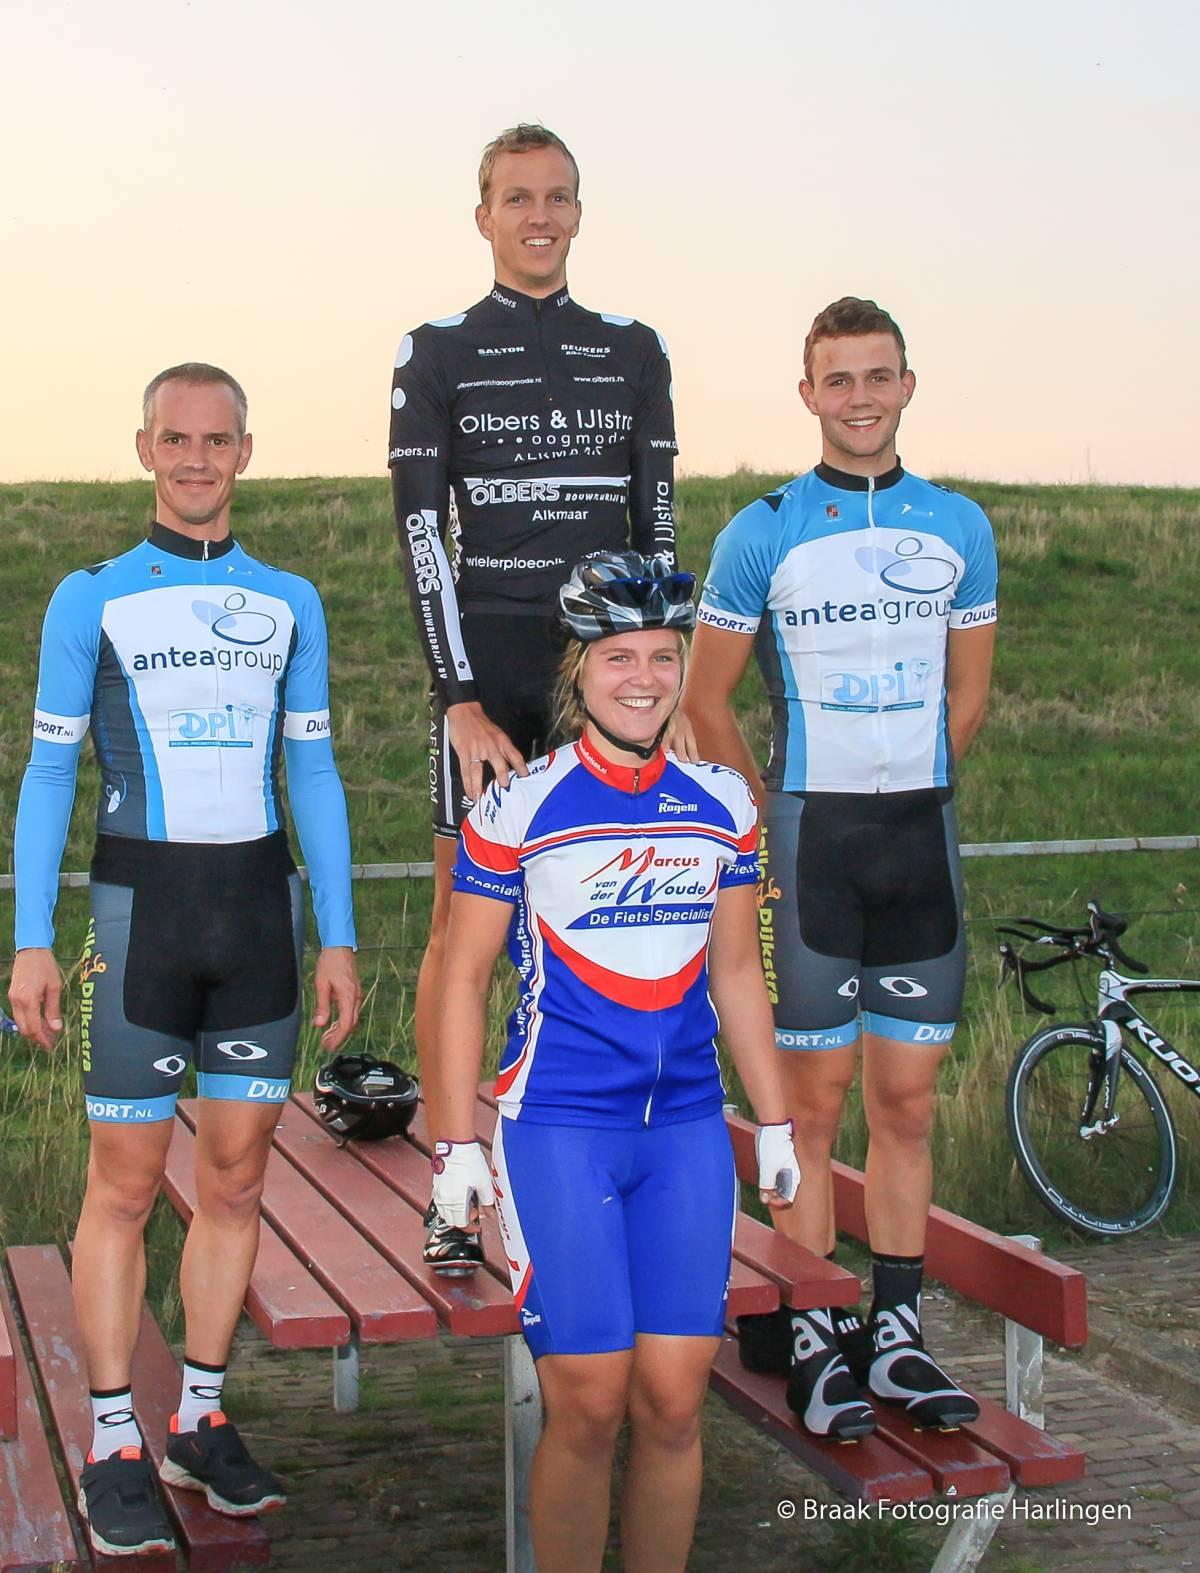 Winnaars 3e TT  (1 van 1)